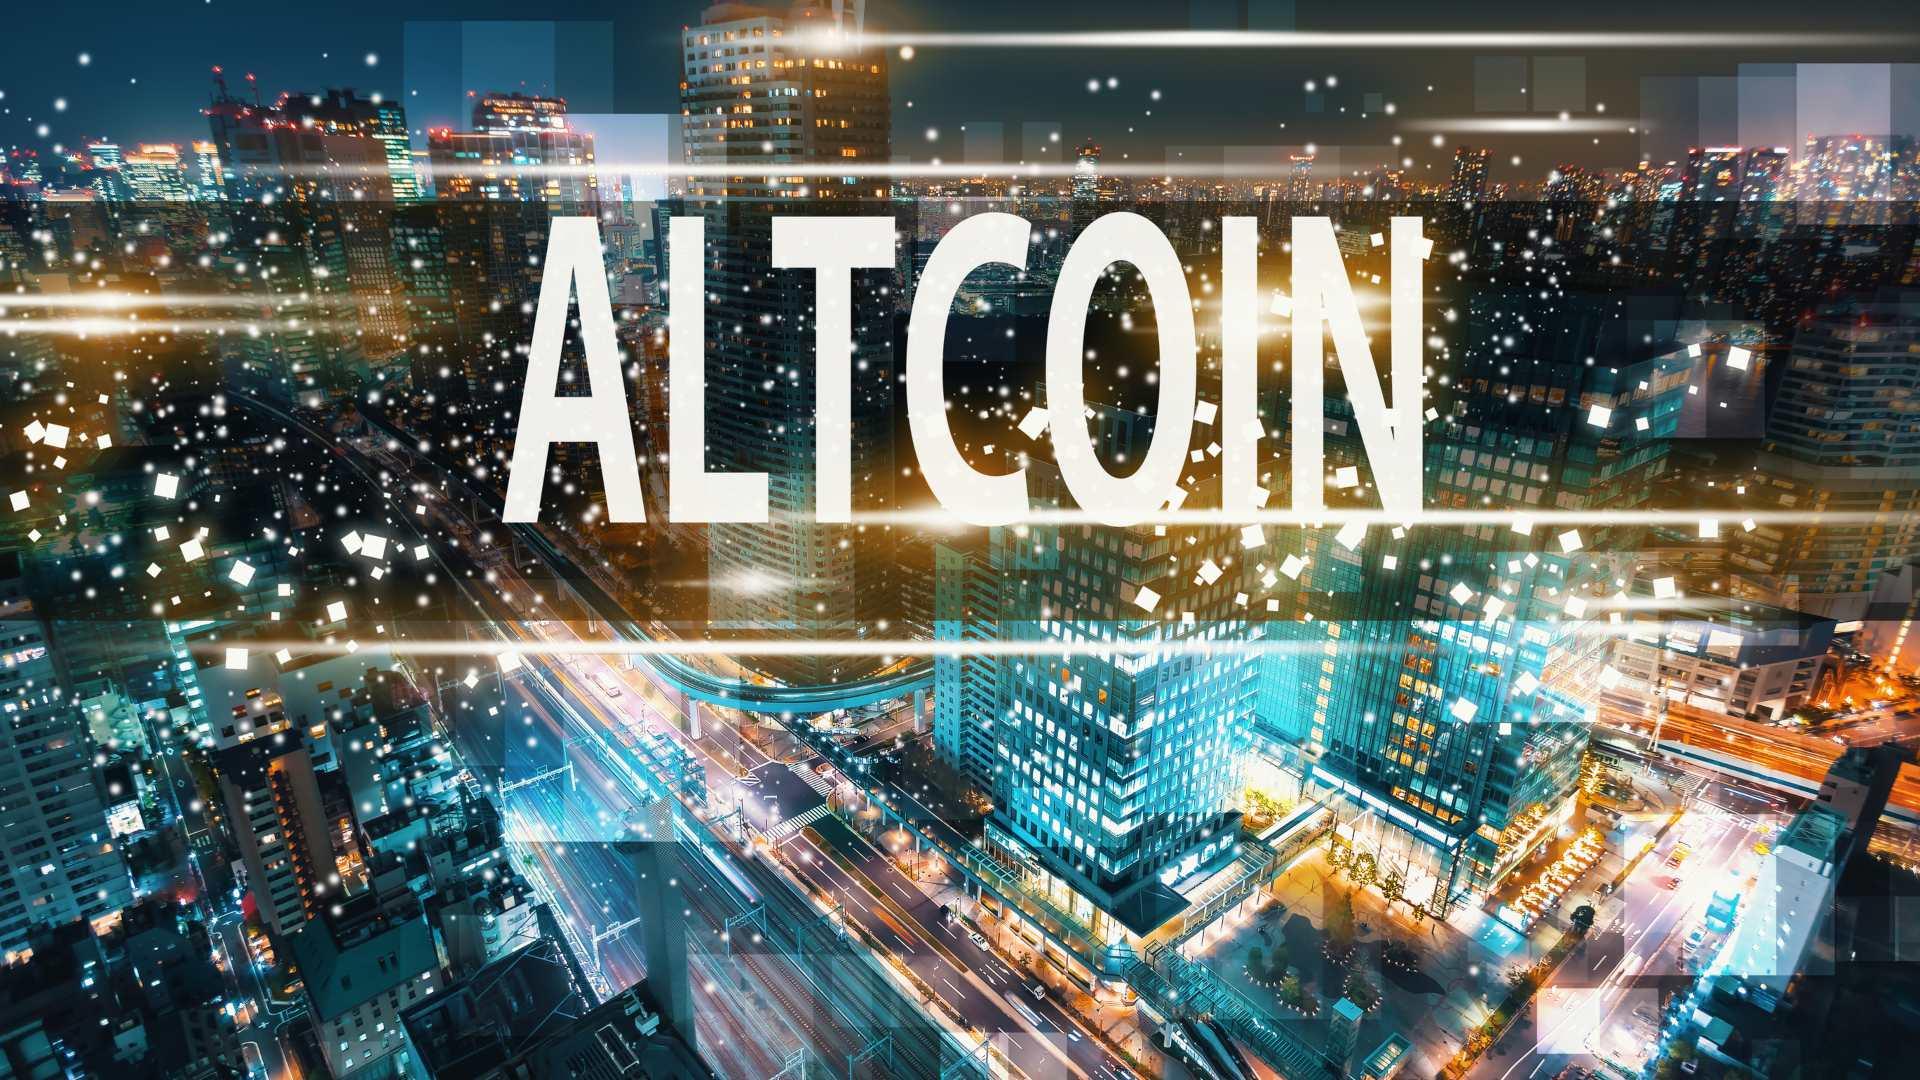 Nhà đầu tư hy vọng mùa Altcoin mới sẽ diễn ra